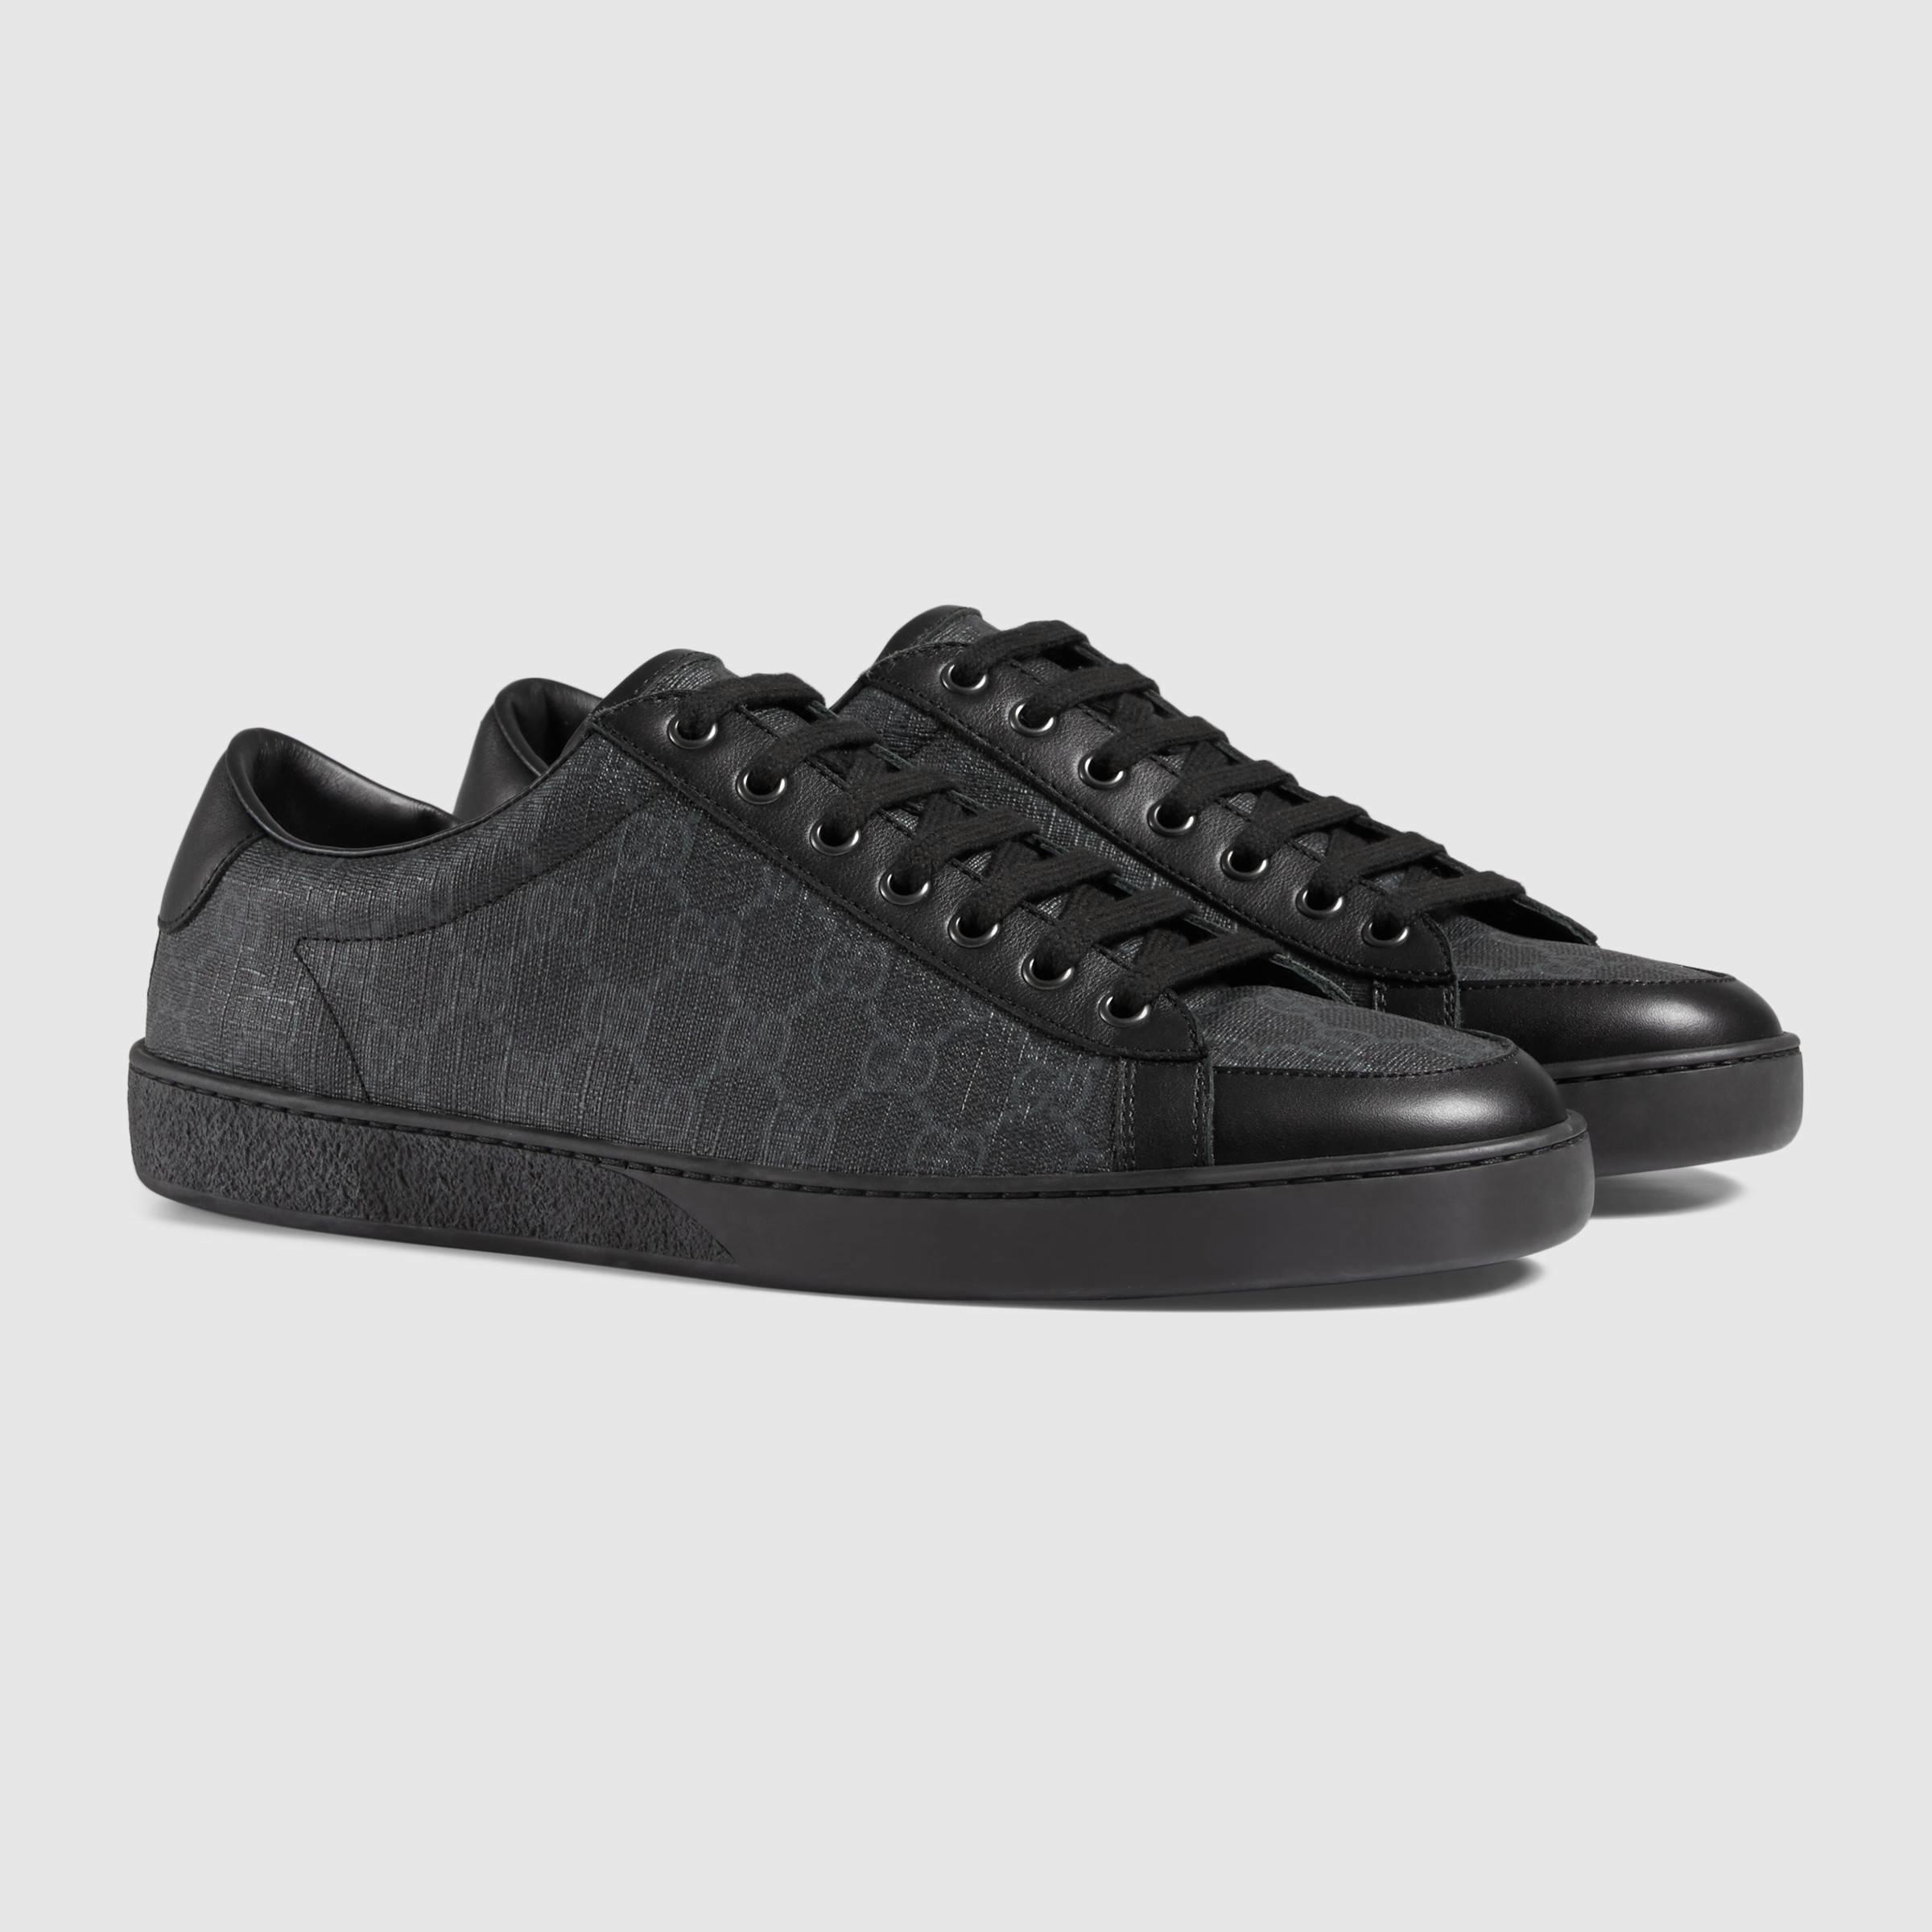 f9ce66f33f333 Gucci Sneakers For Men. Lyst - Gucci Gg Supreme ...